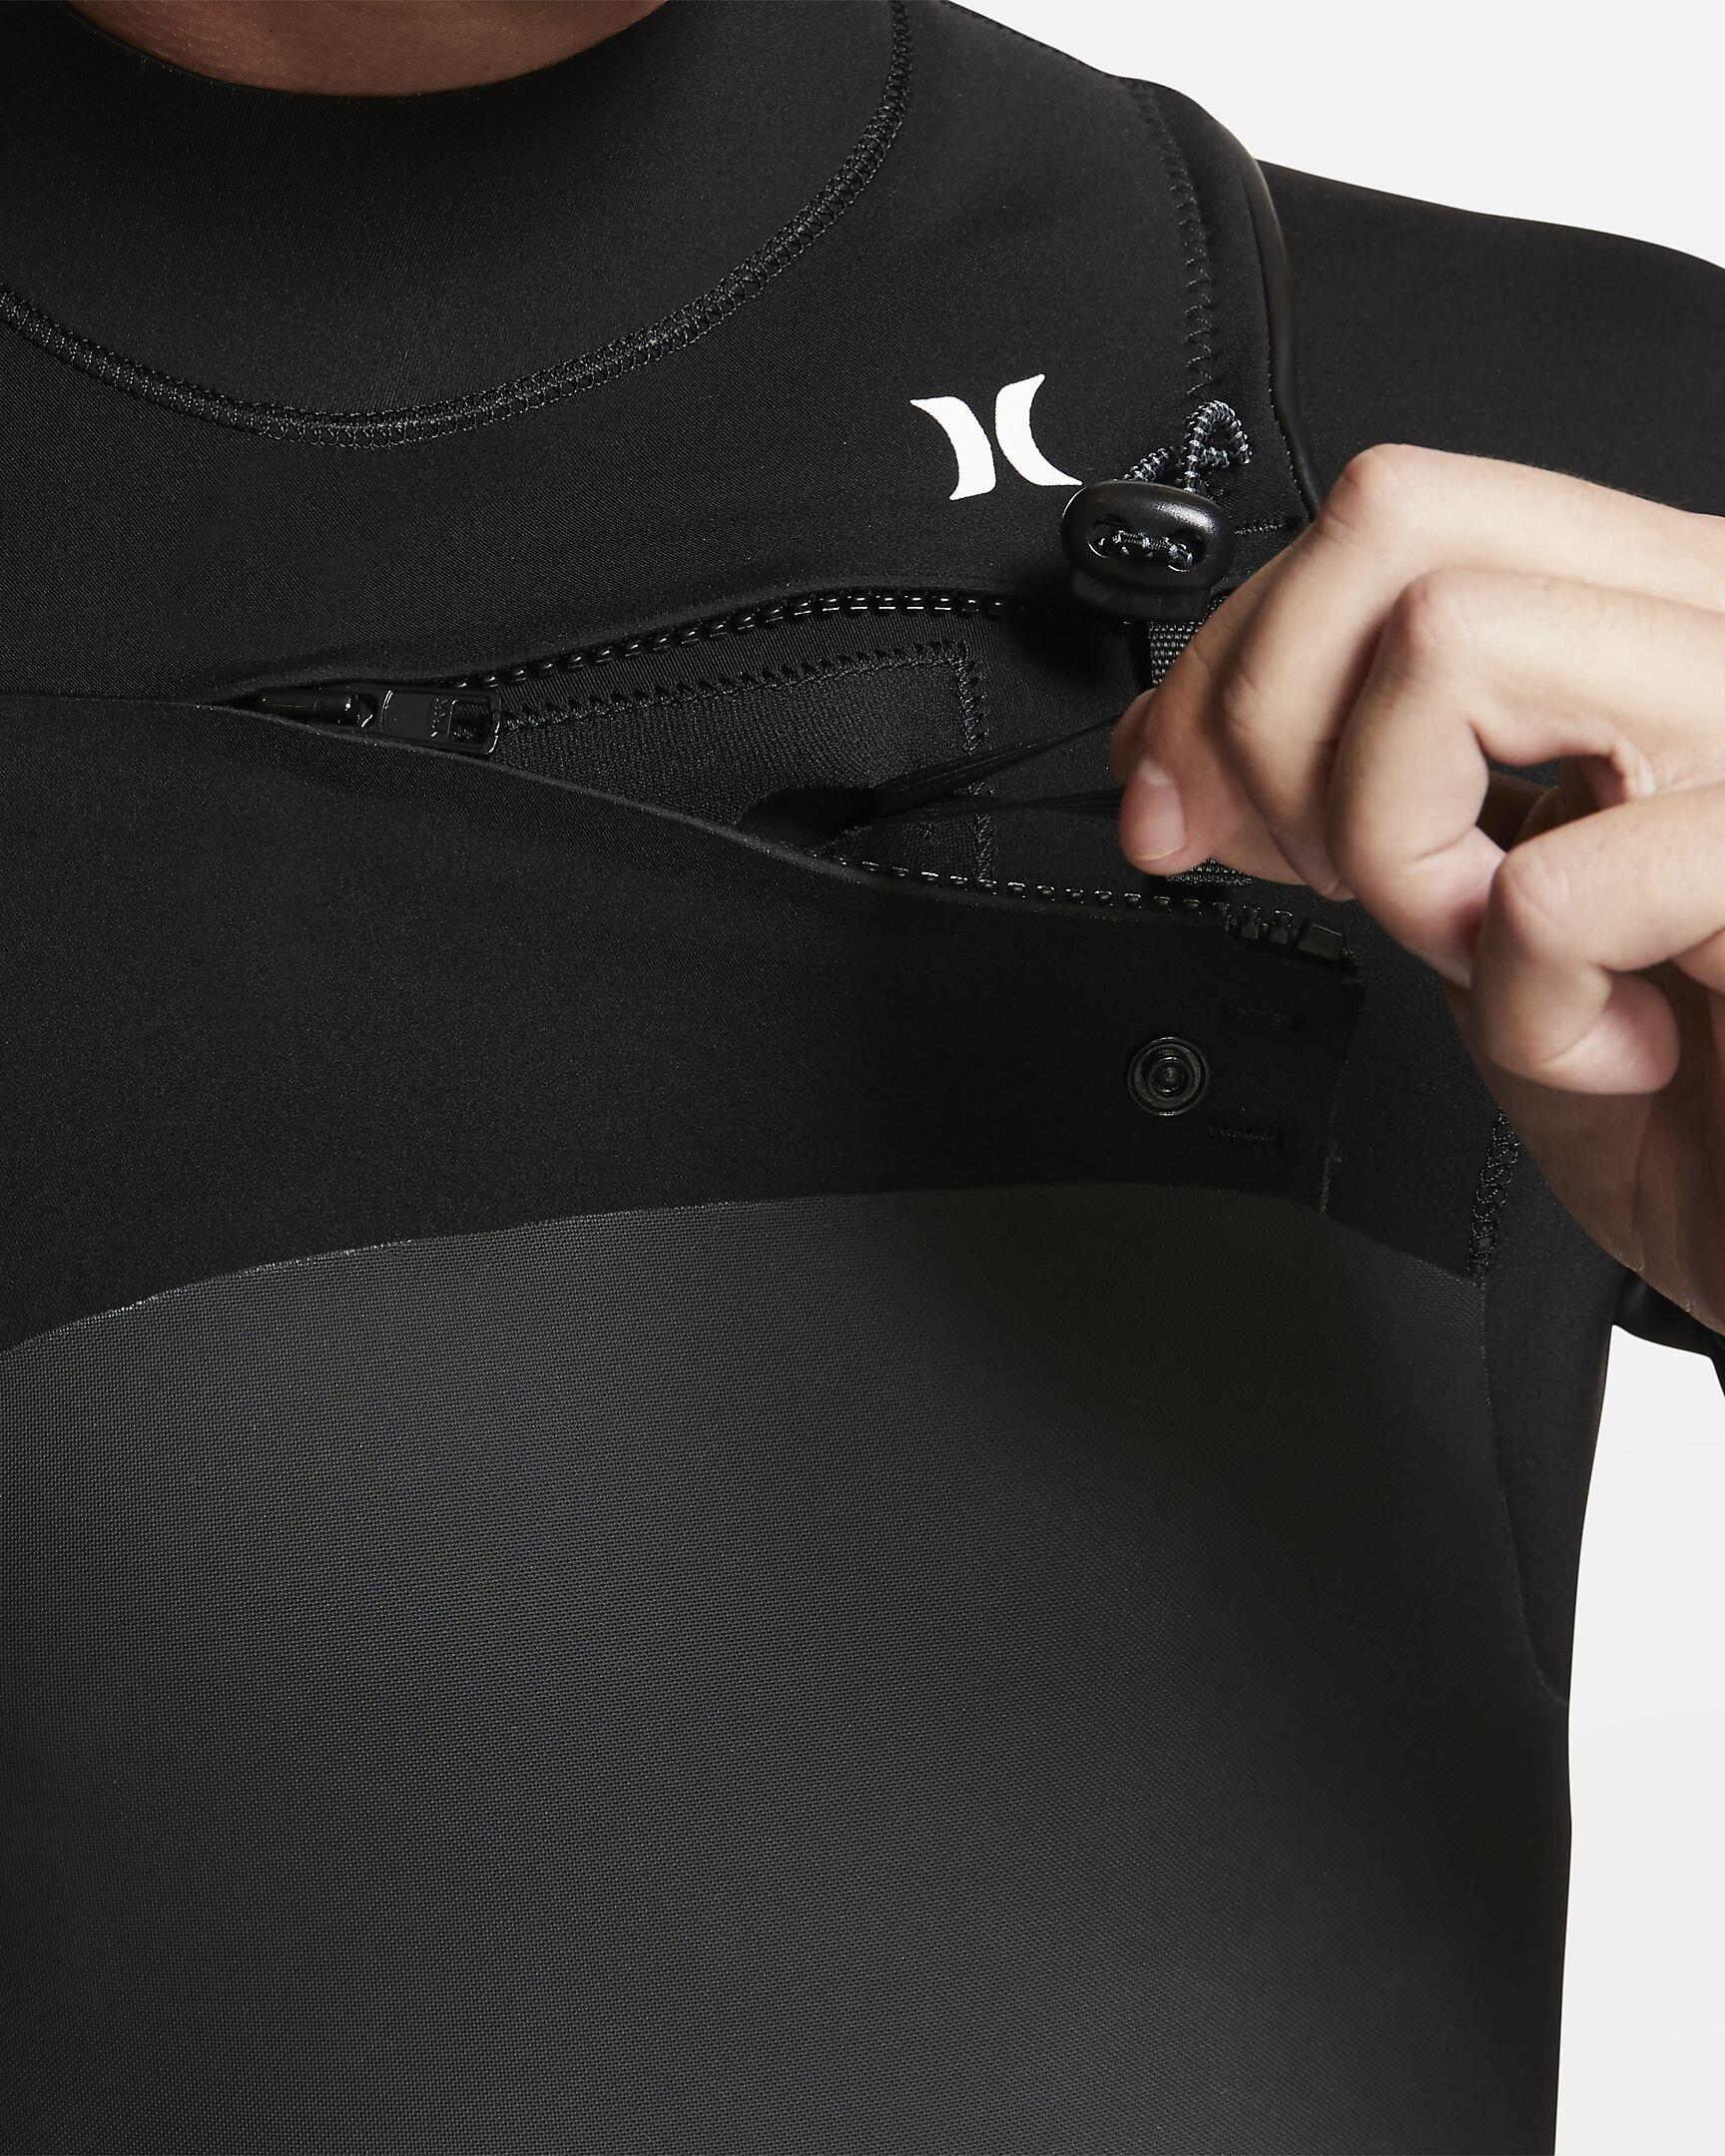 hurley-advantage-plus-3-2mm-fullsuit-mens-wetsuit-P4Q5lH-2.jpg